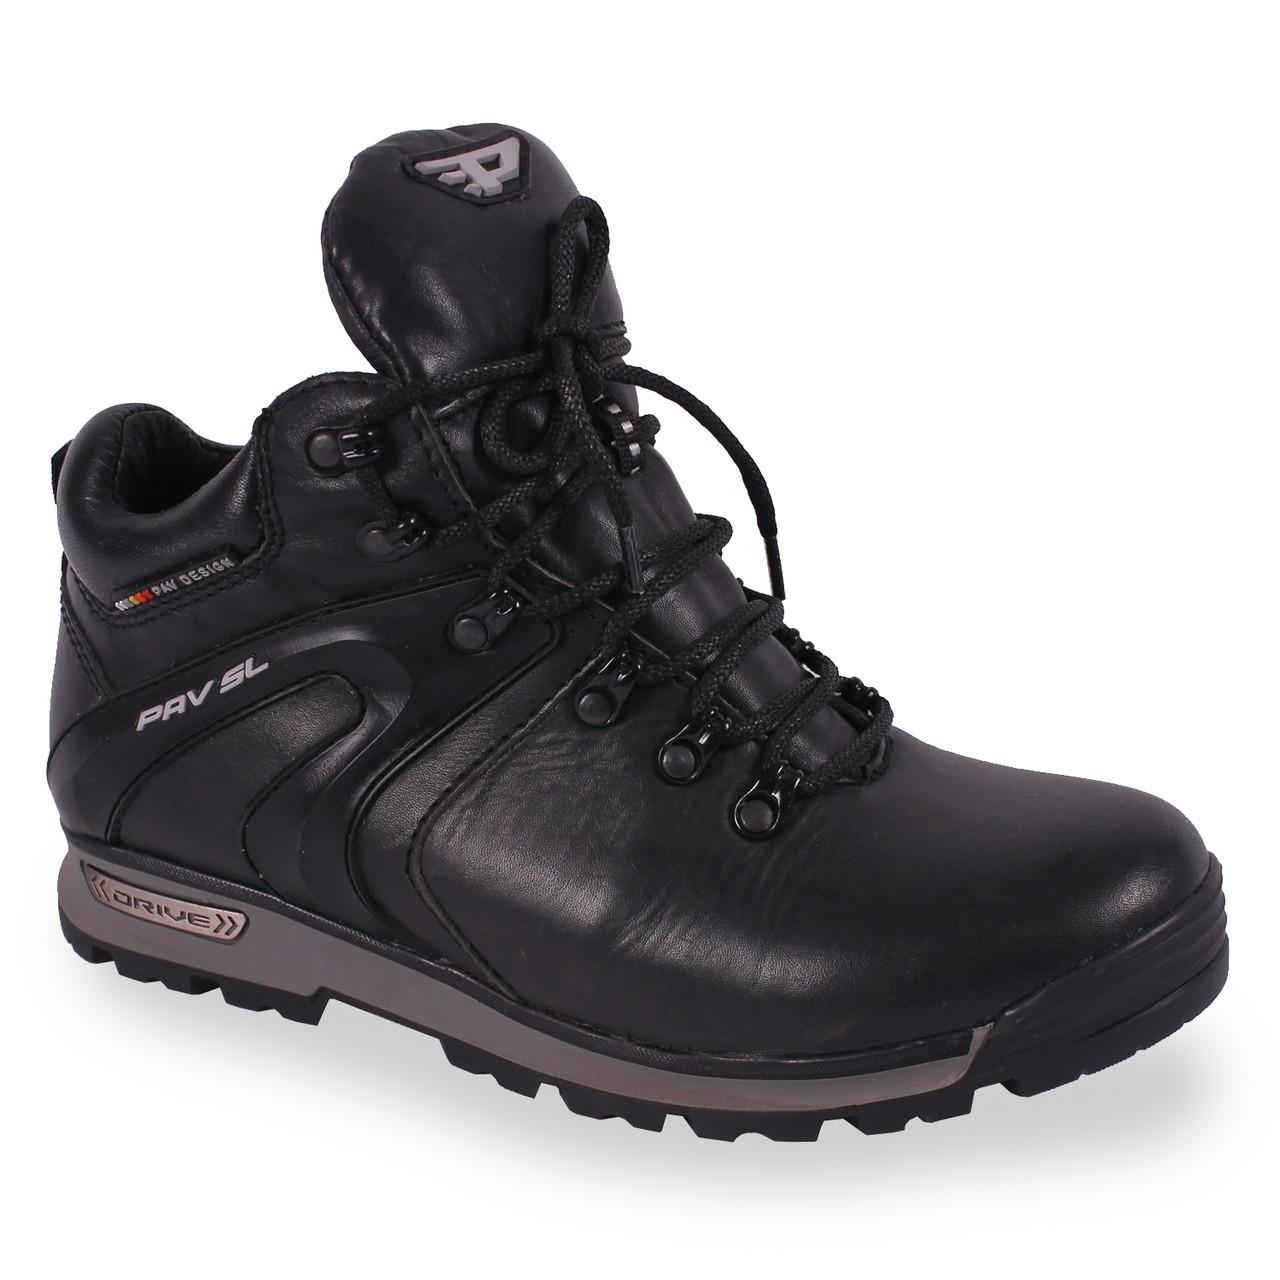 a240e09a0 42 размер Мужские ботинки кожаные (зимние, теплые, на шнурках, на меху)